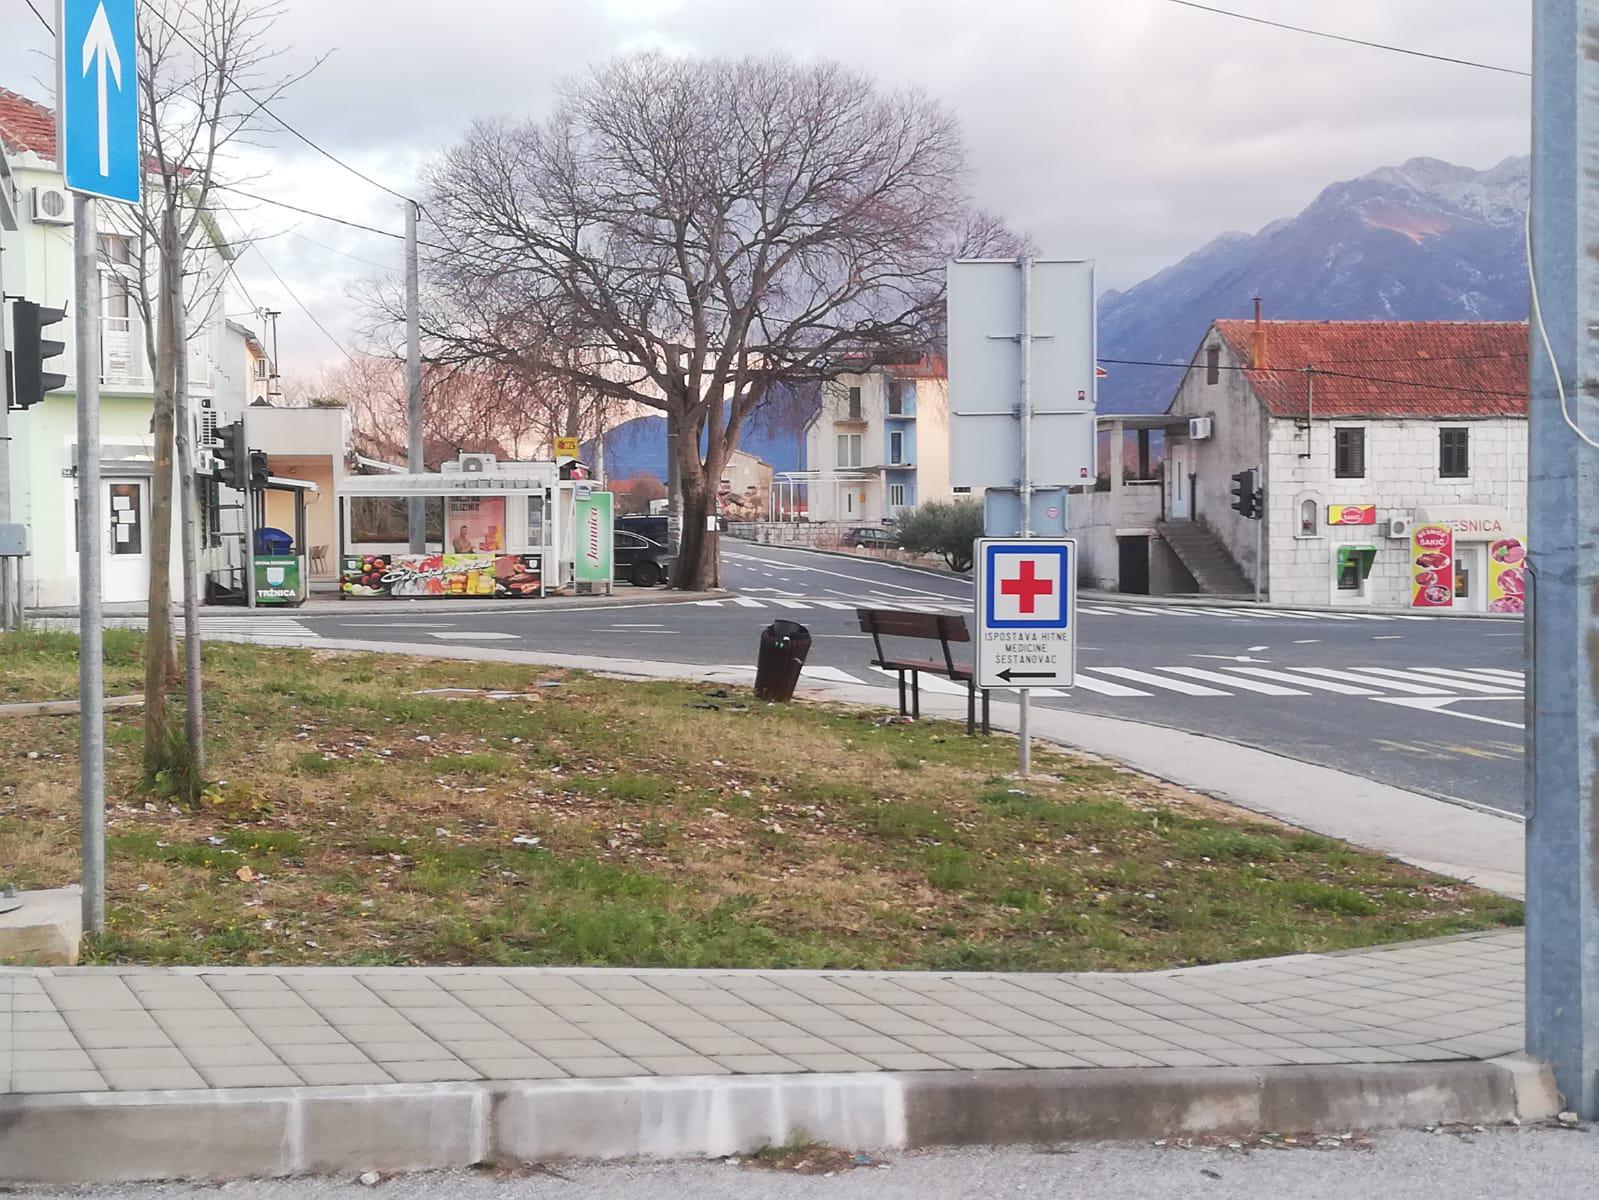 Mjesto na križanju gdje je stajao semafor